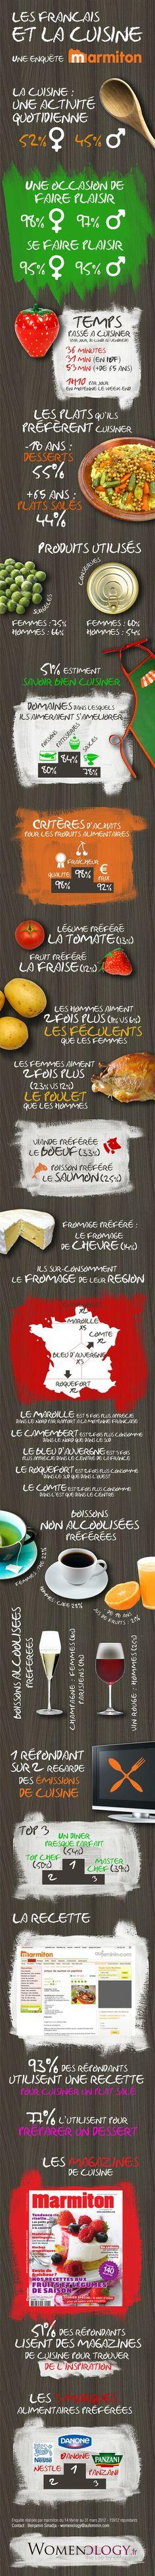 Infographie sur les habitudes culinaires des français